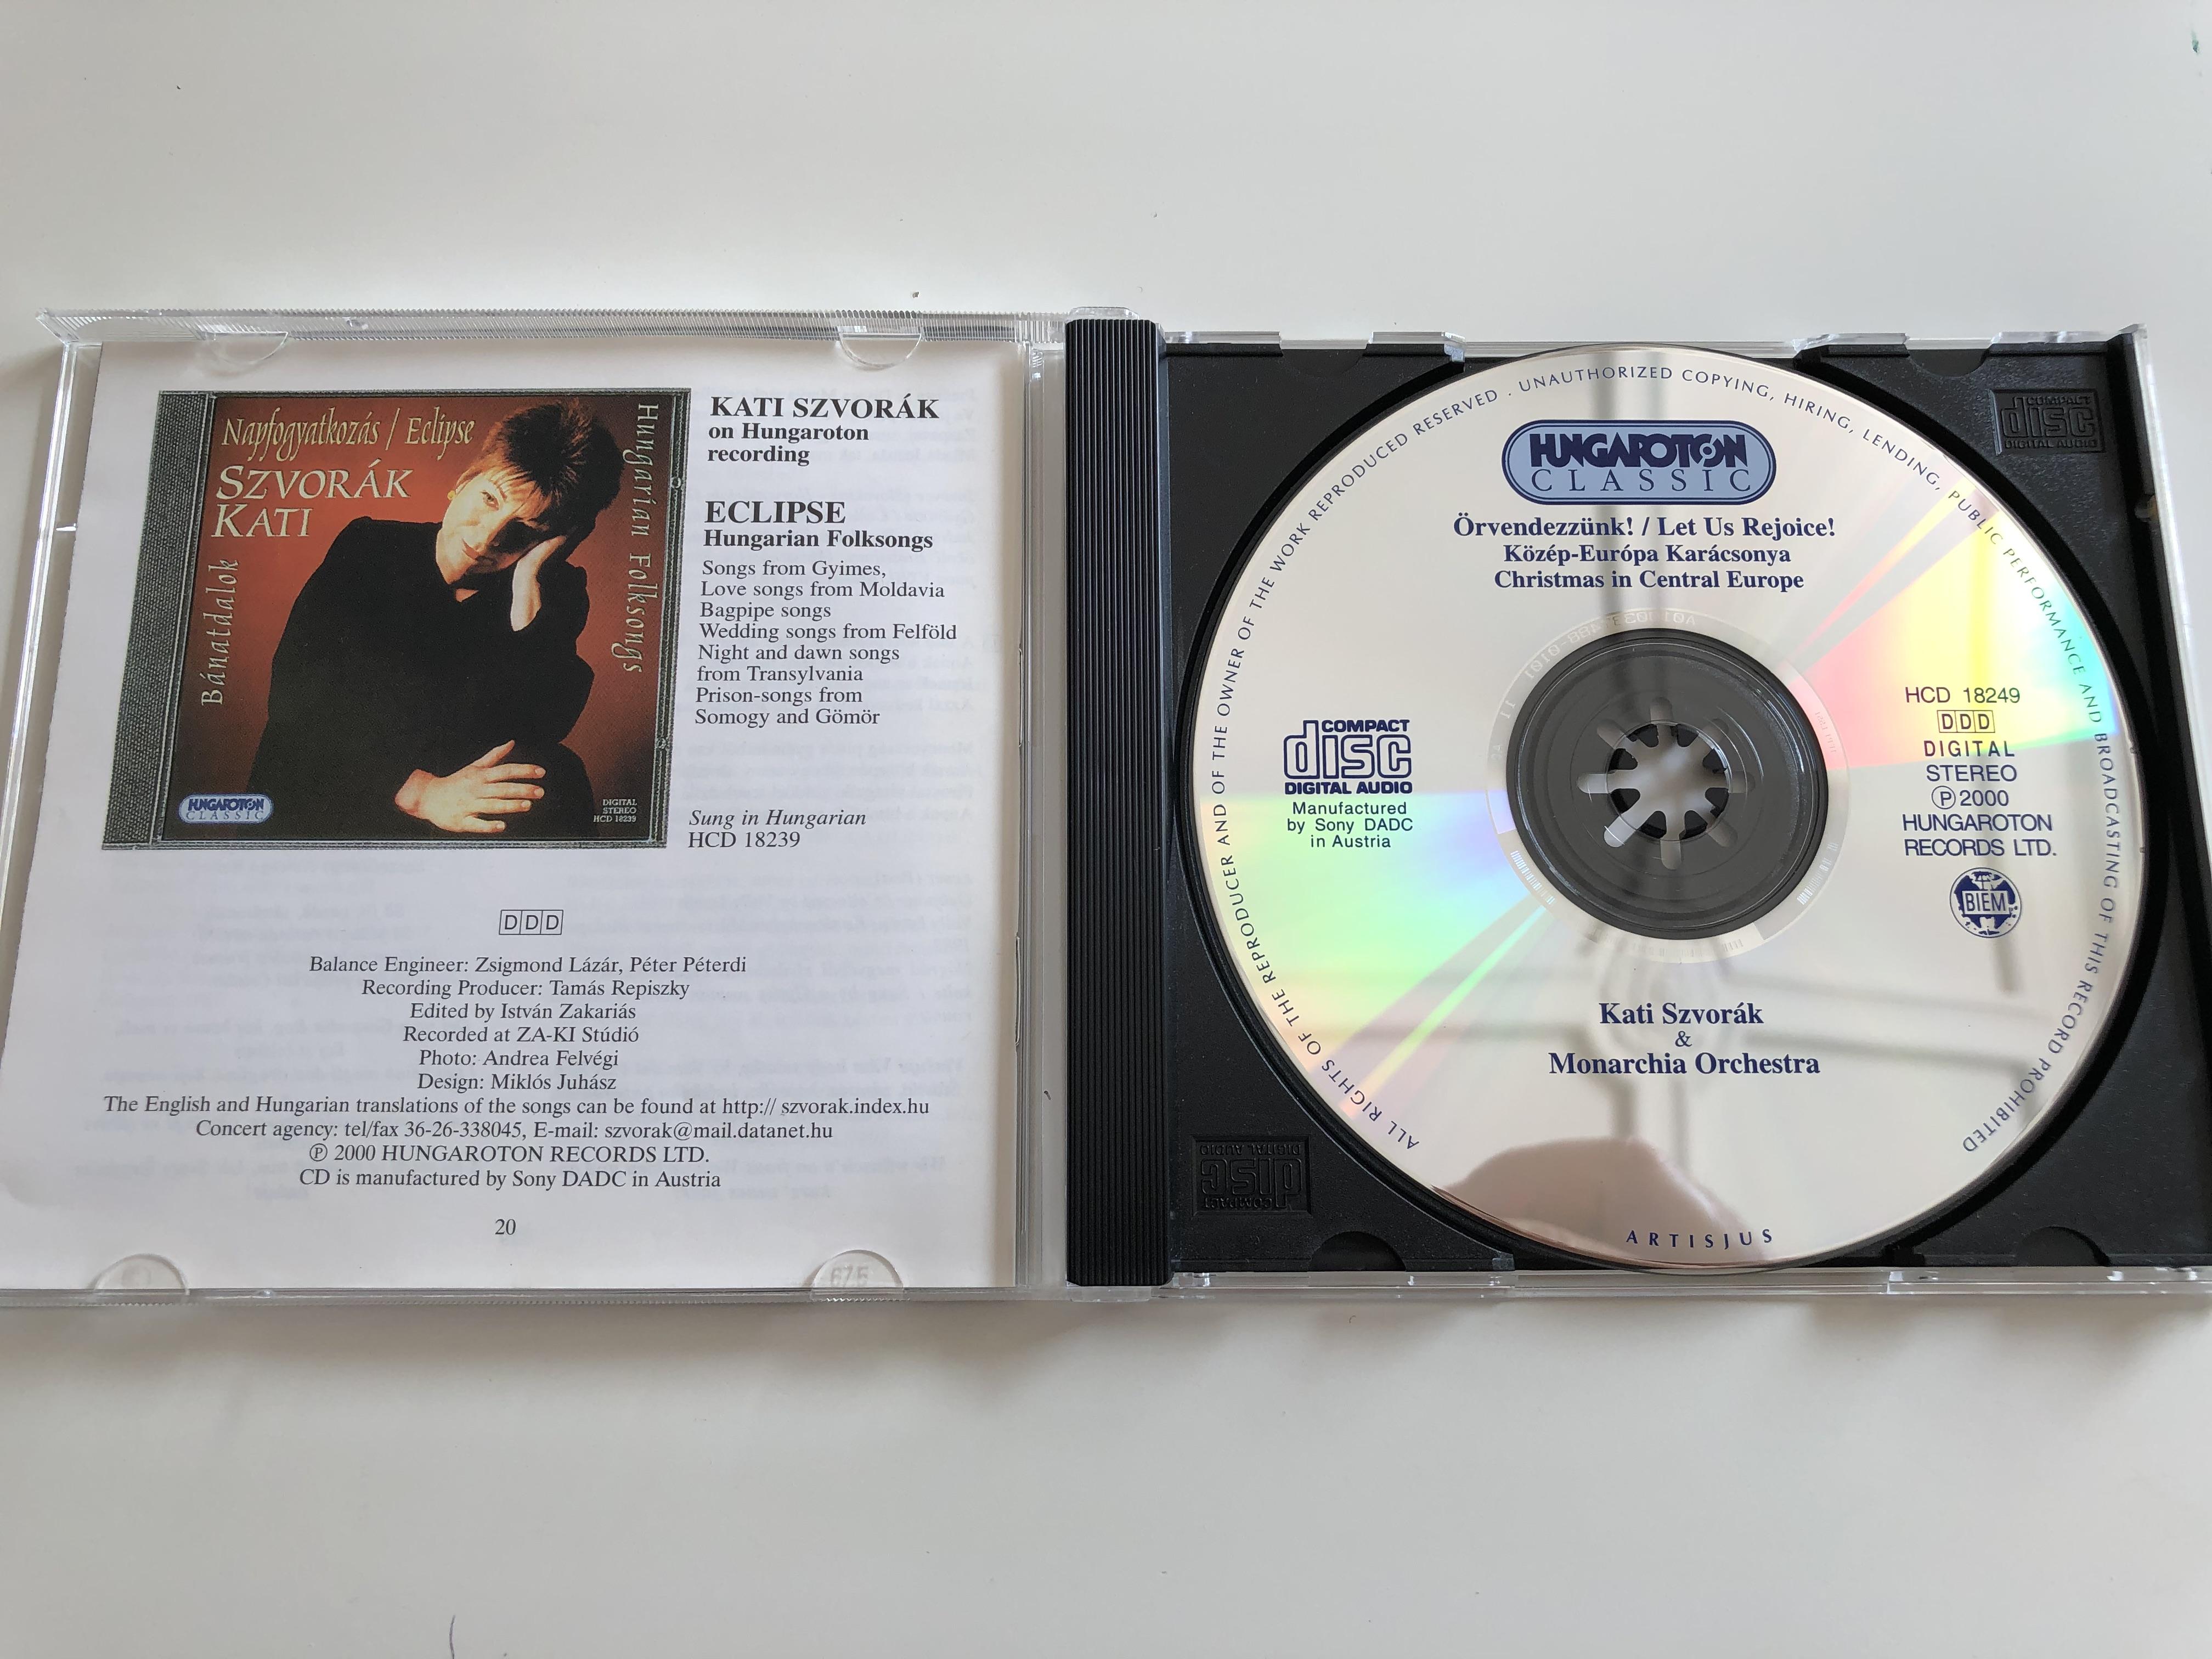 rvendezz-nk-k-z-p-eur-pa-kar-csonya-let-us-rejoice-christmas-in-central-europe-kati-szvor-k-monarchia-hungaroton-classic-audio-cd-2000-hcd-18249-11-.jpg